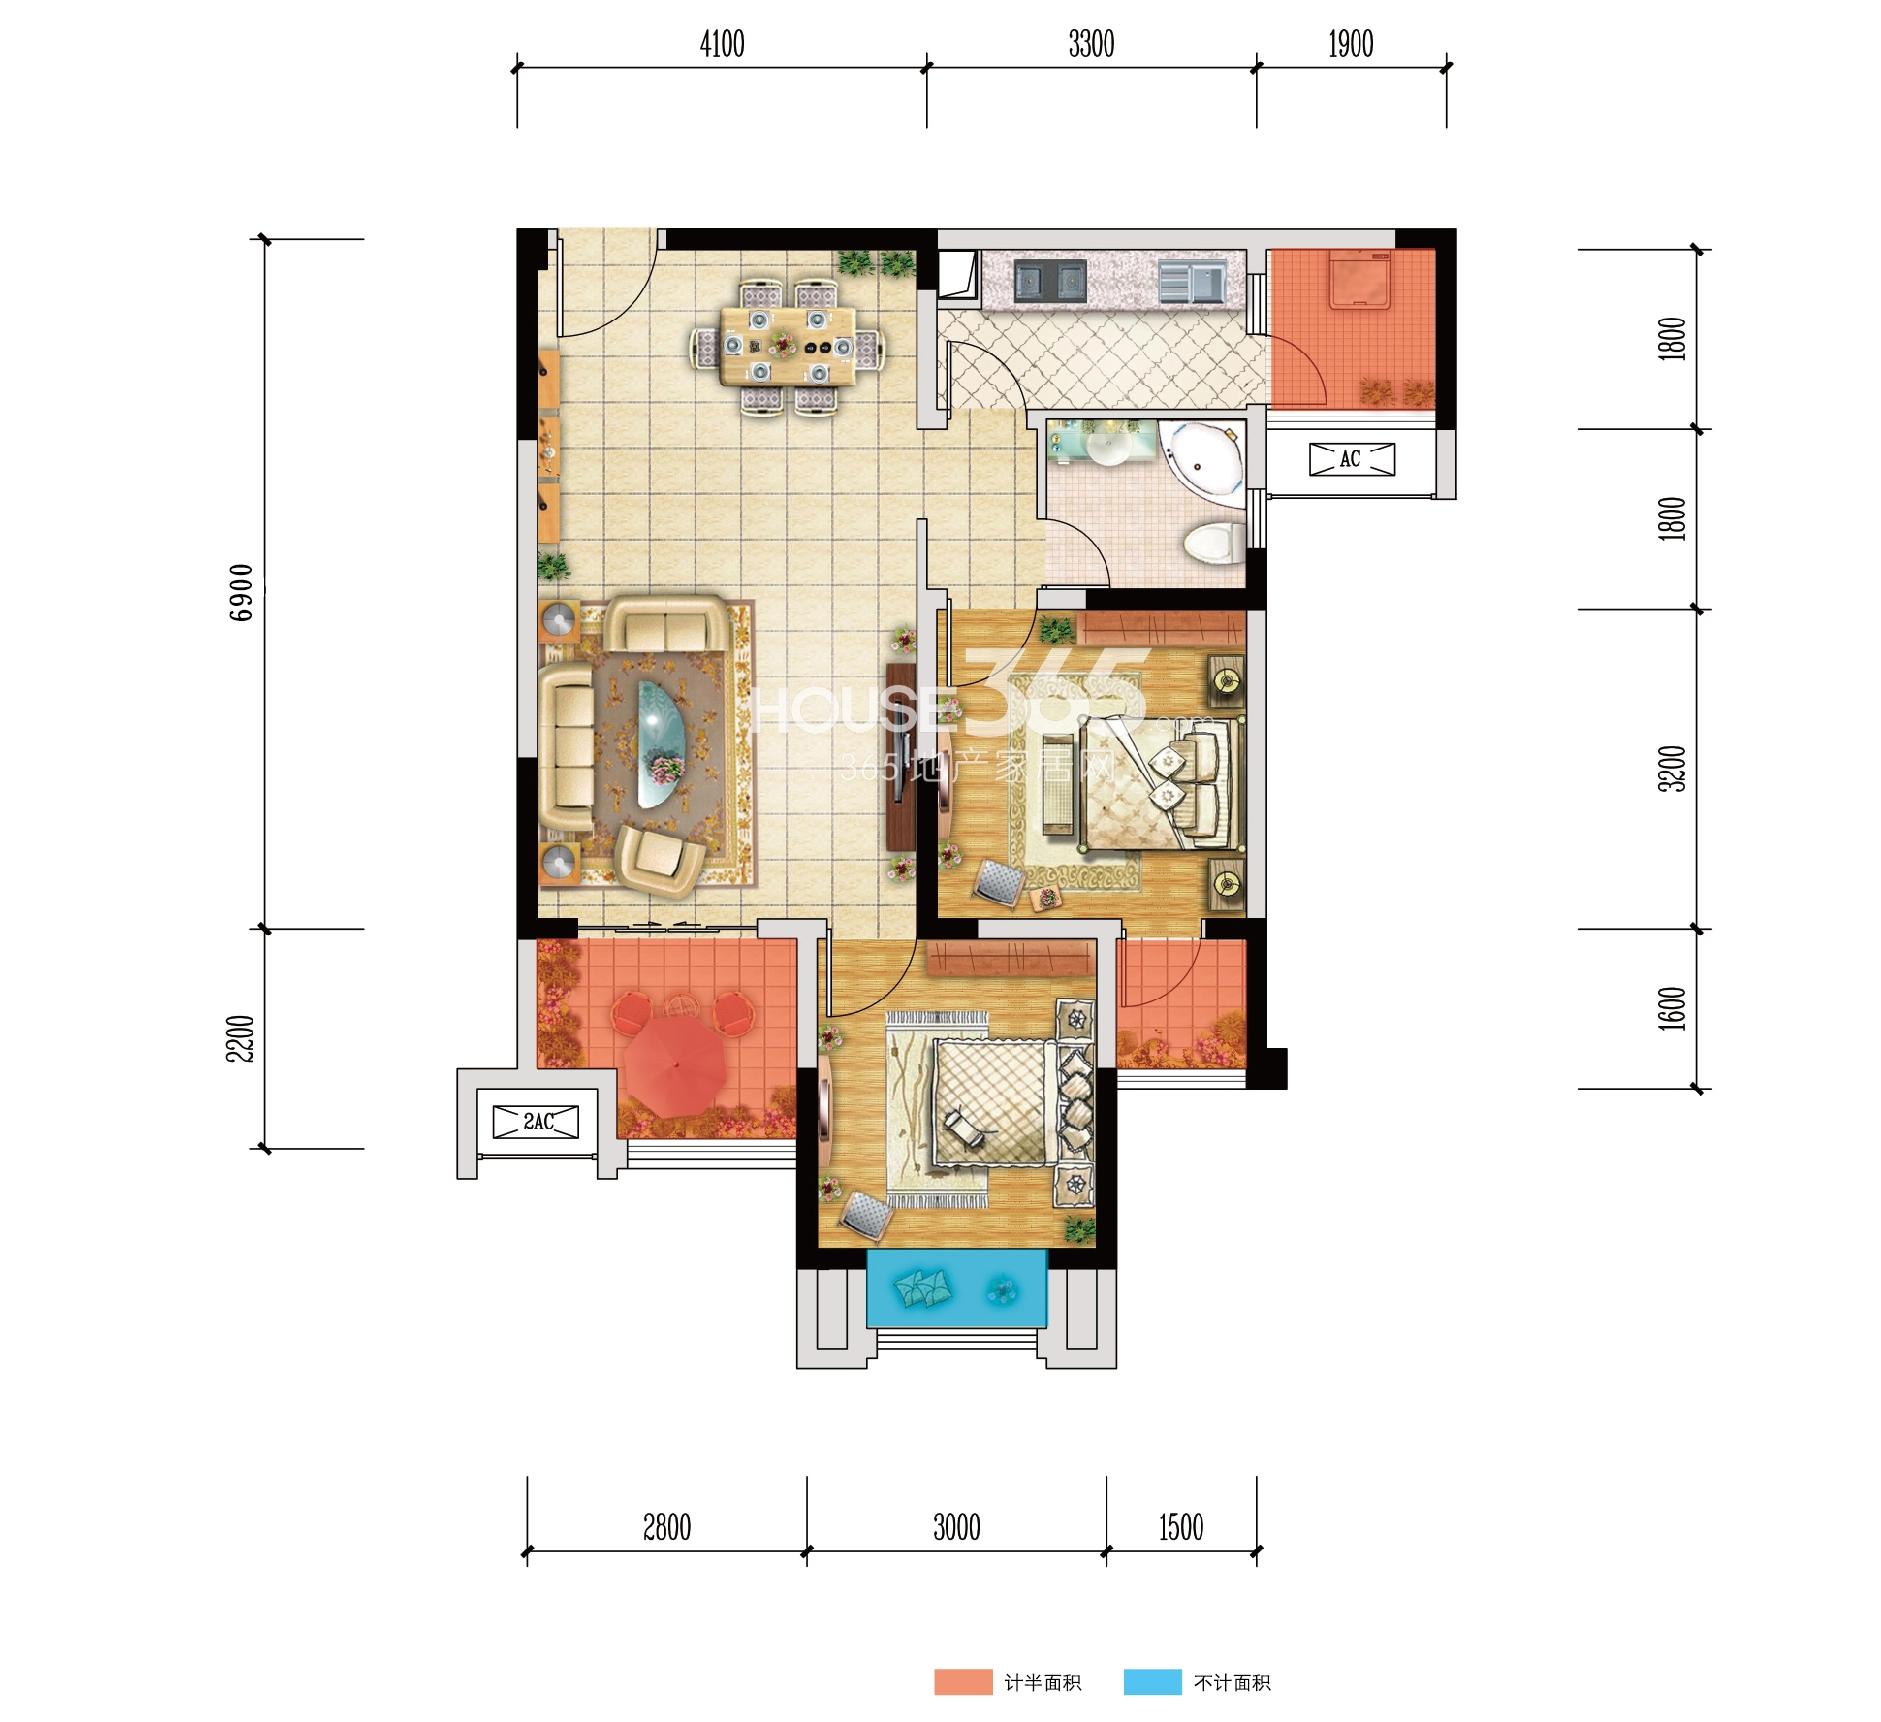 北大资源江山名门F3户型 两室两厅一卫 65.74㎡